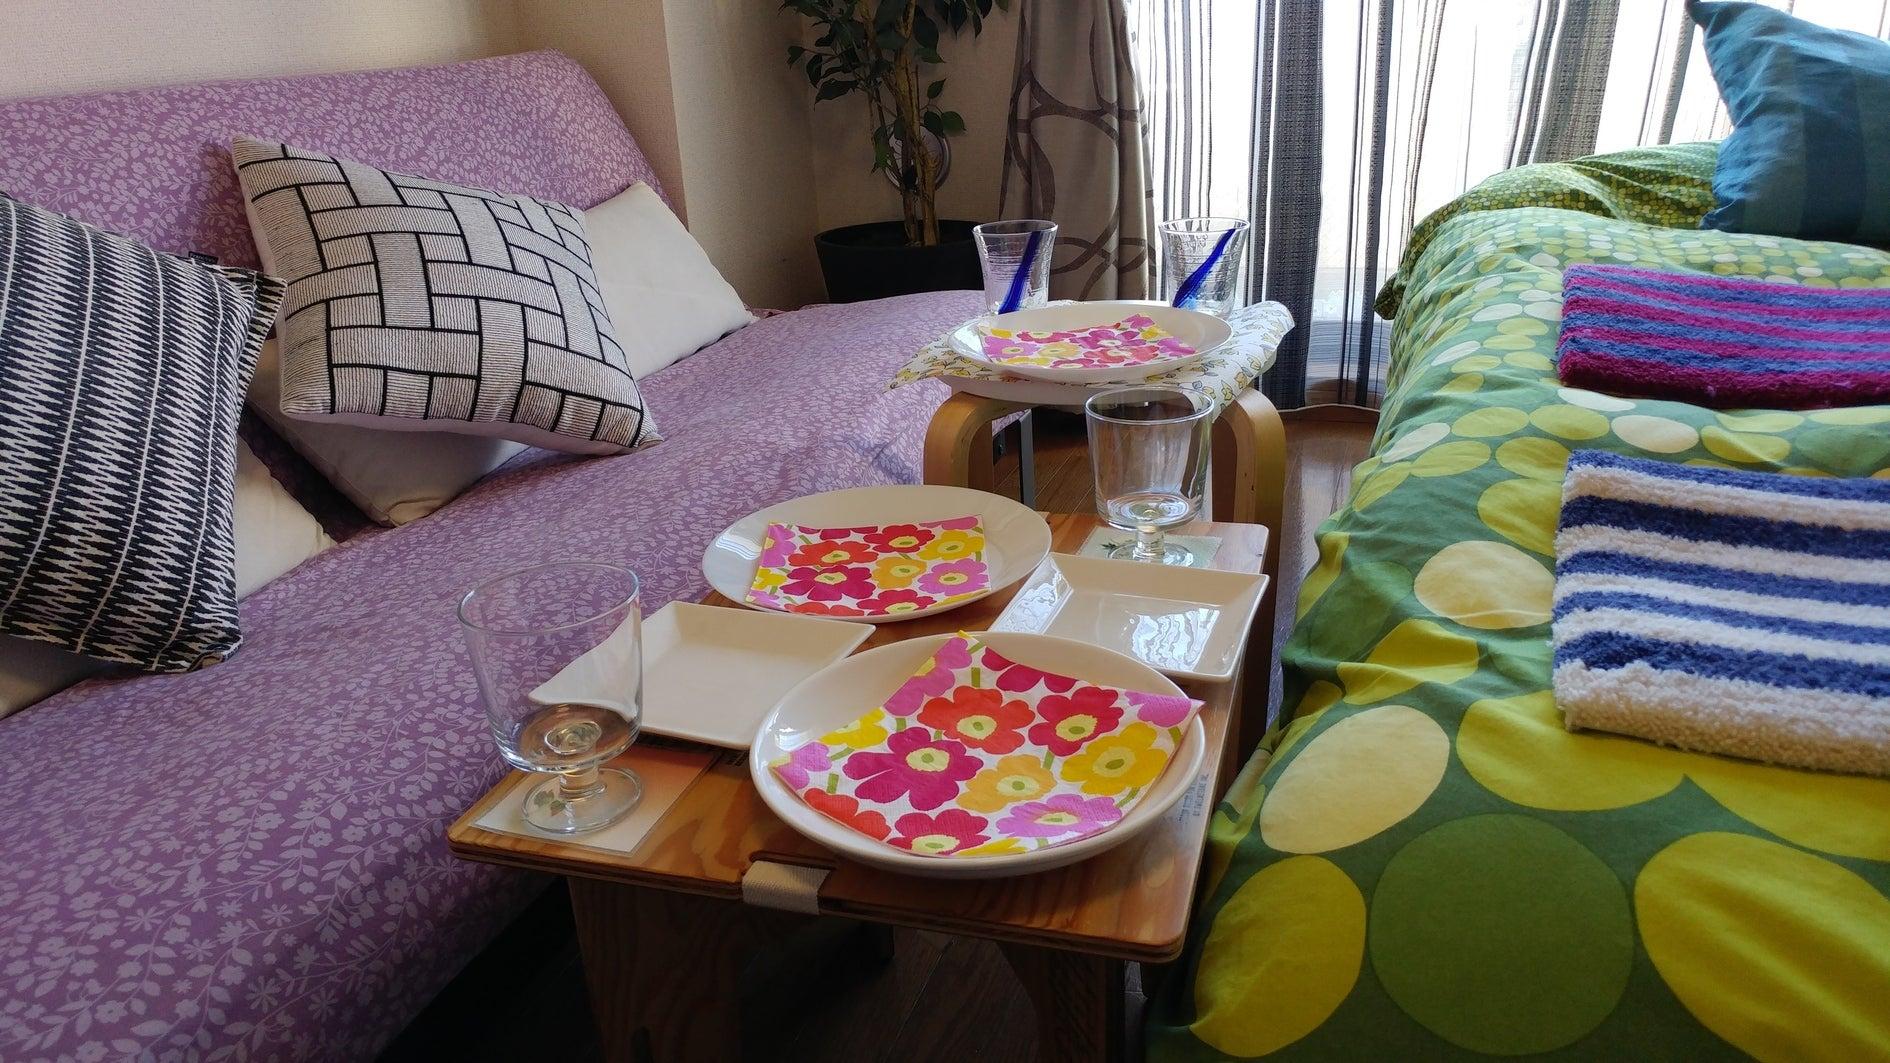 【下北沢駅歩3分】女子会・パジャマパーティー・部屋飲みに。24h可☆カップル向け